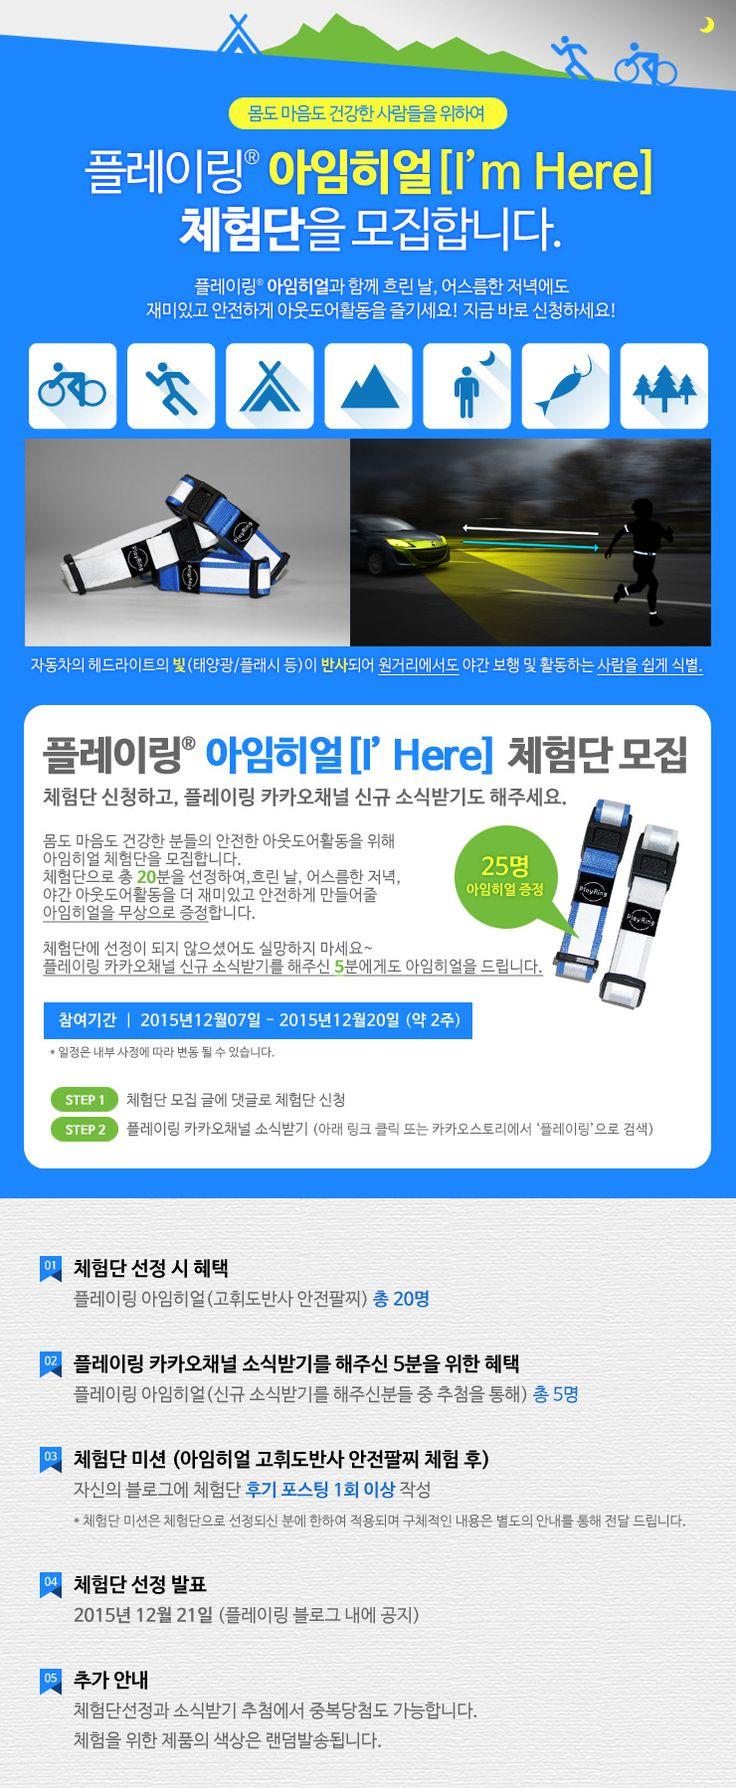 http://blog.naver.com/playringbag/220561445484